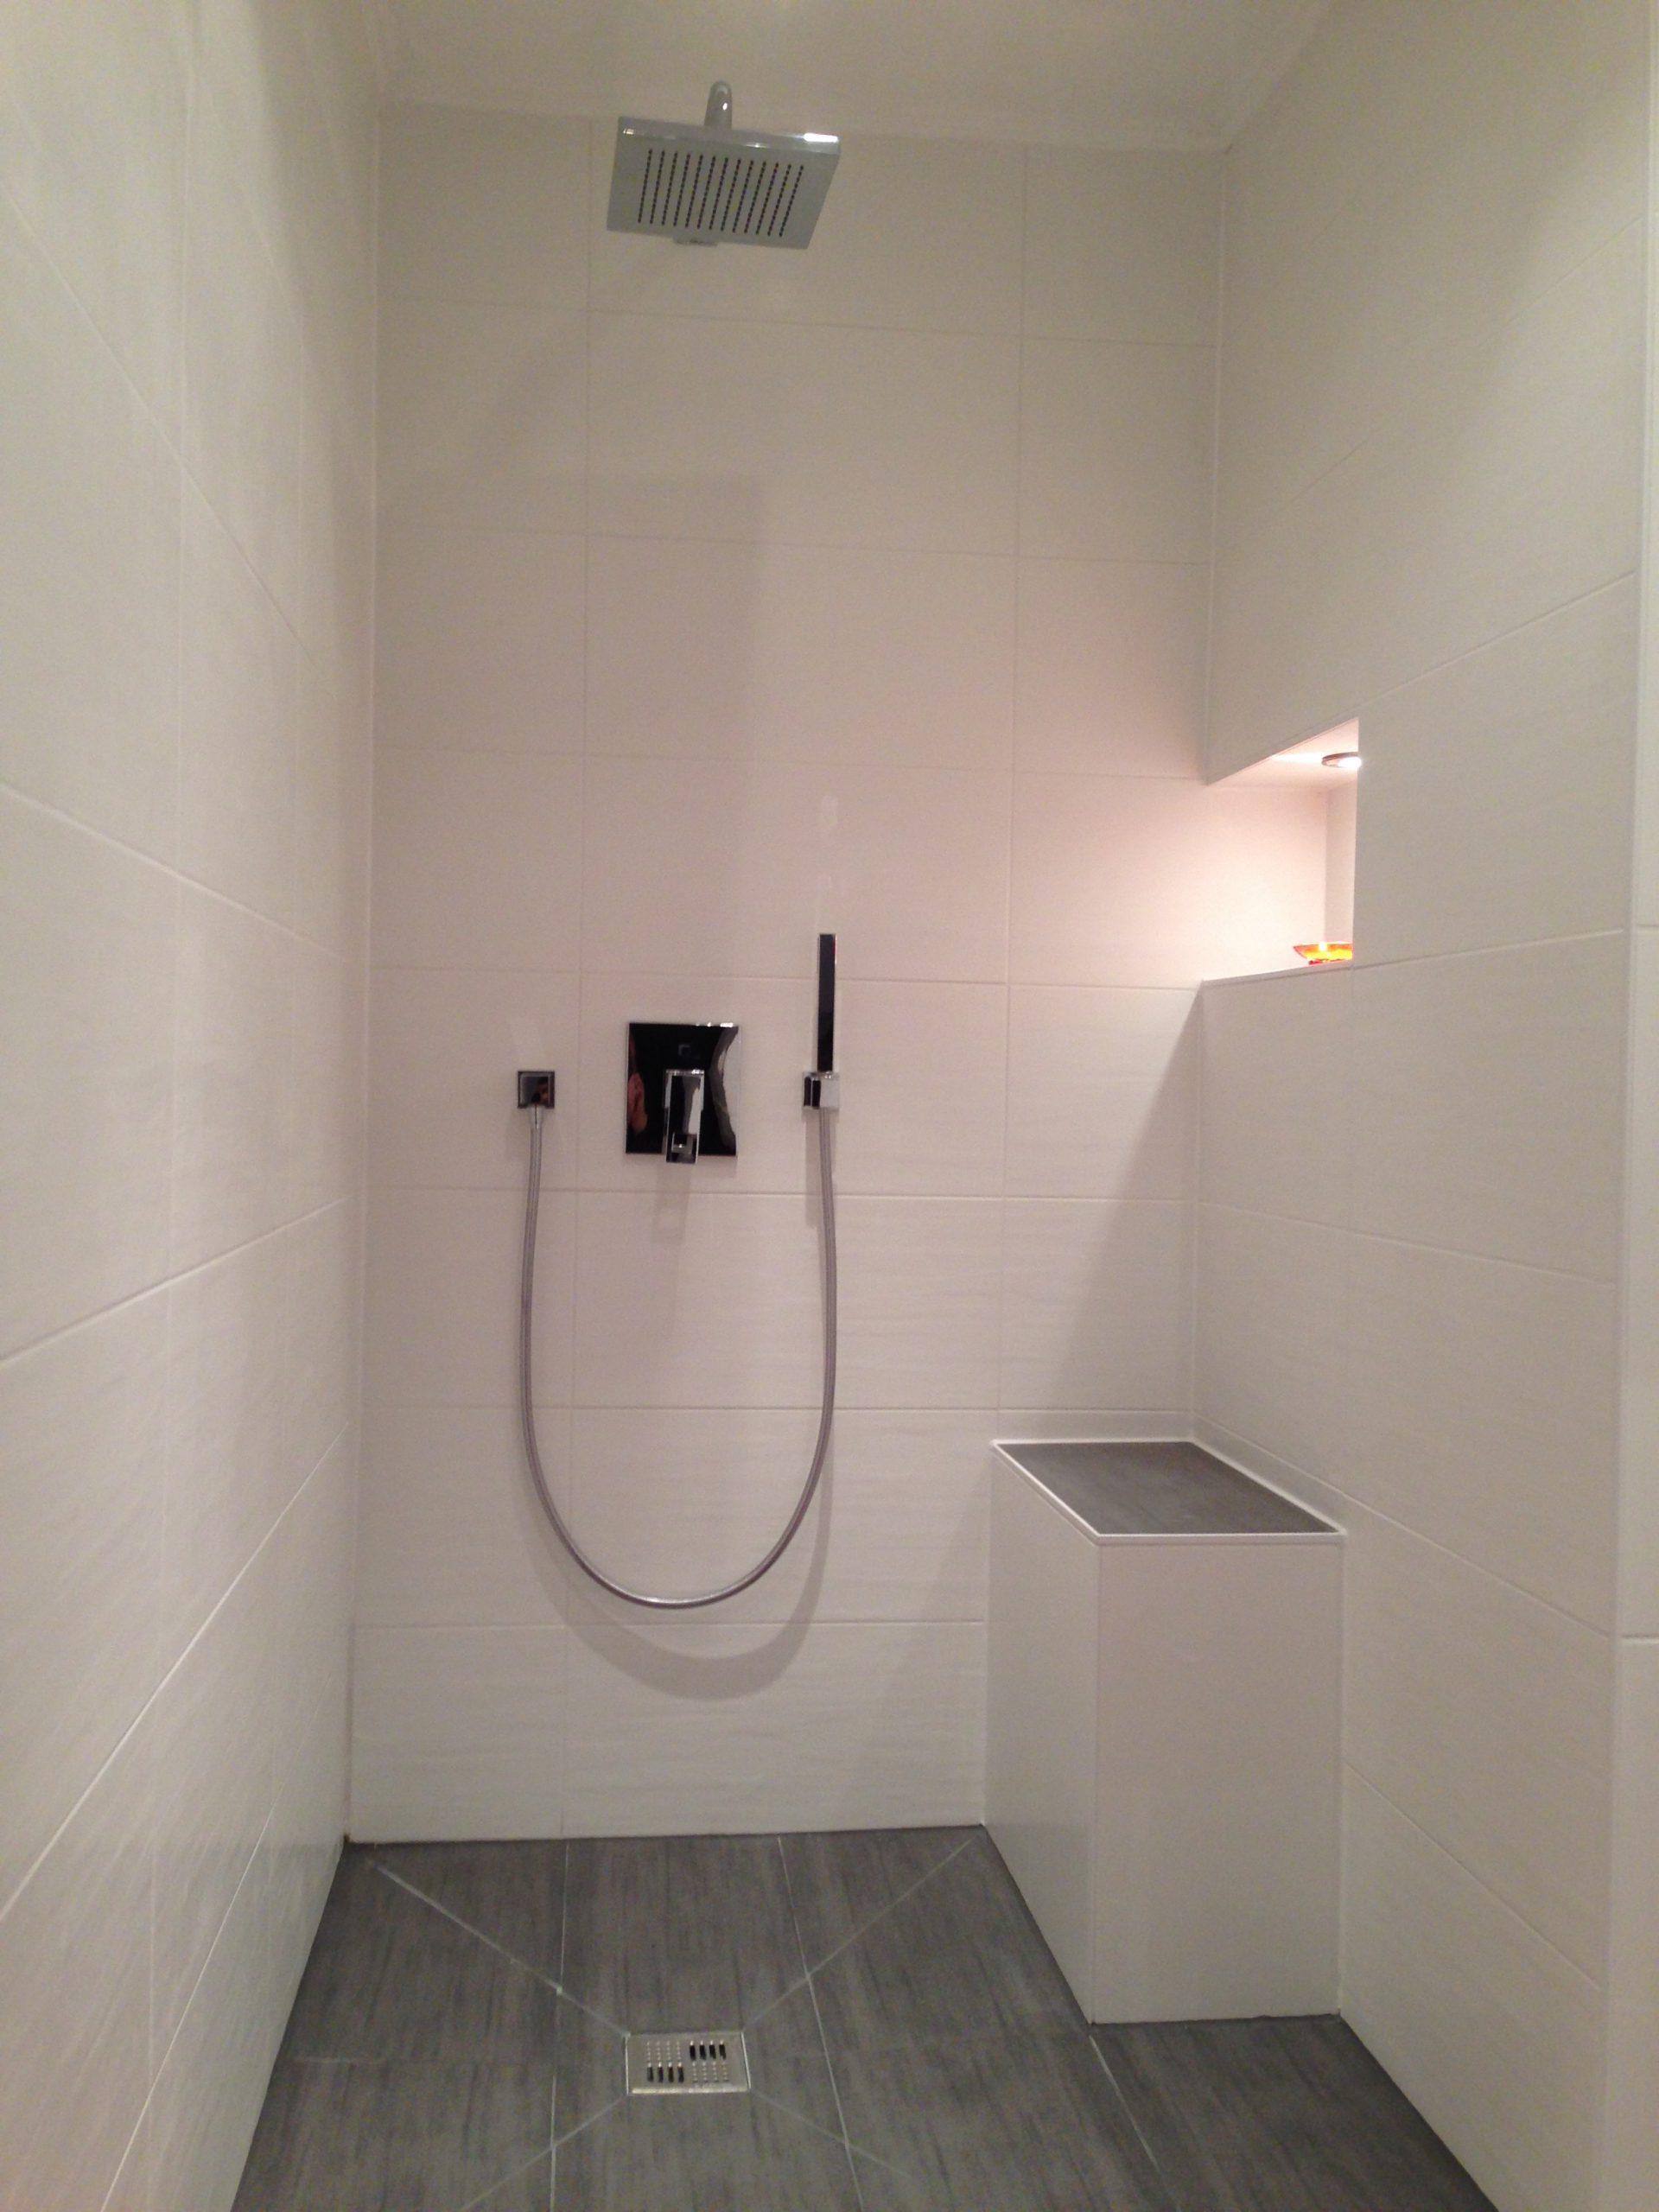 Begehbare Dusche mit Regendusche